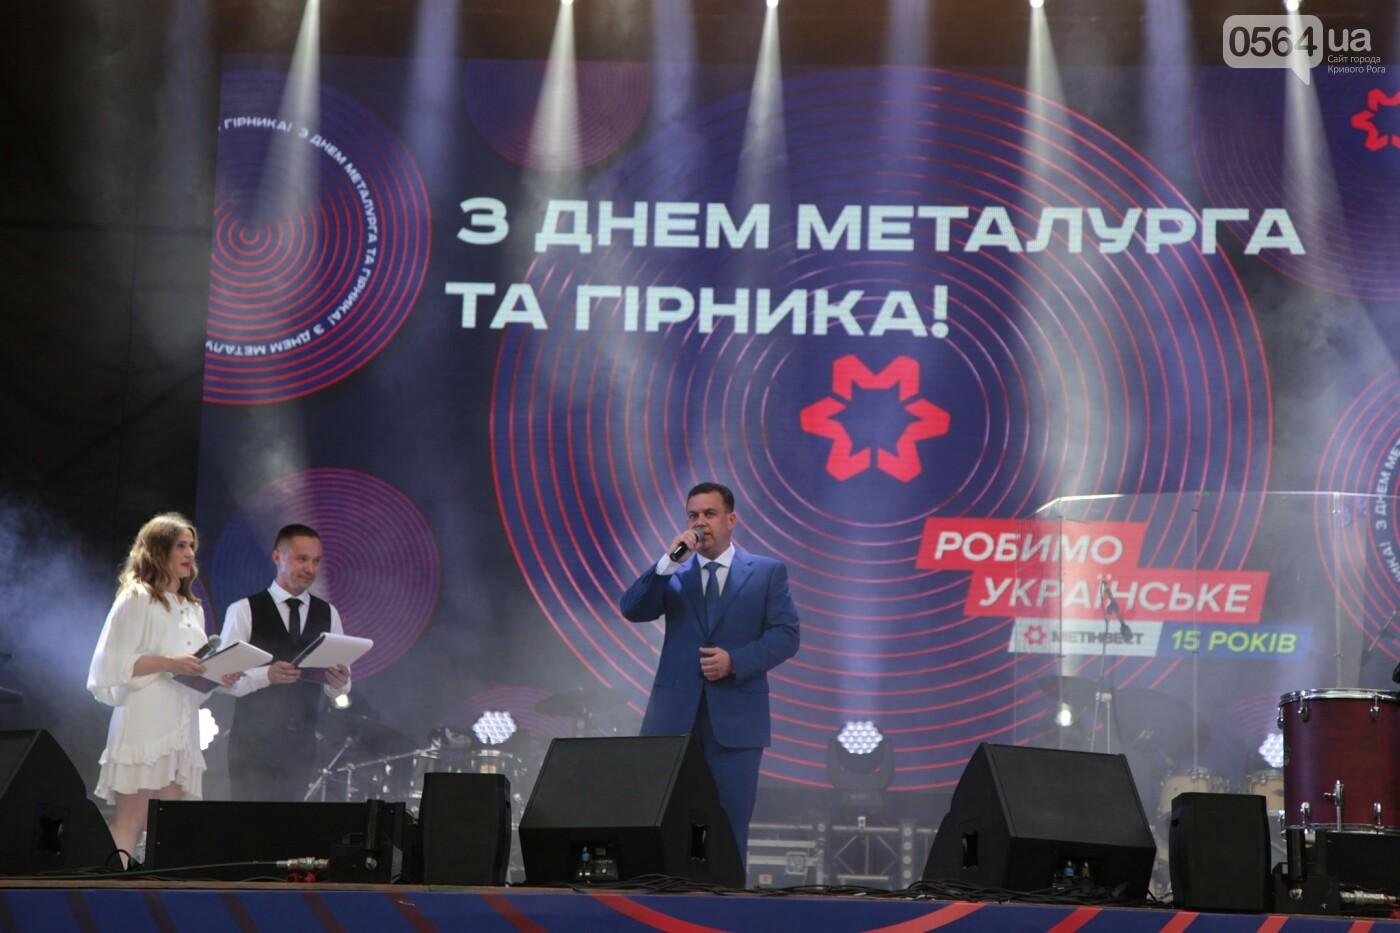 Гірників та металургів привітали зі святом відомі люди Кривого Рогу та України, фото-1